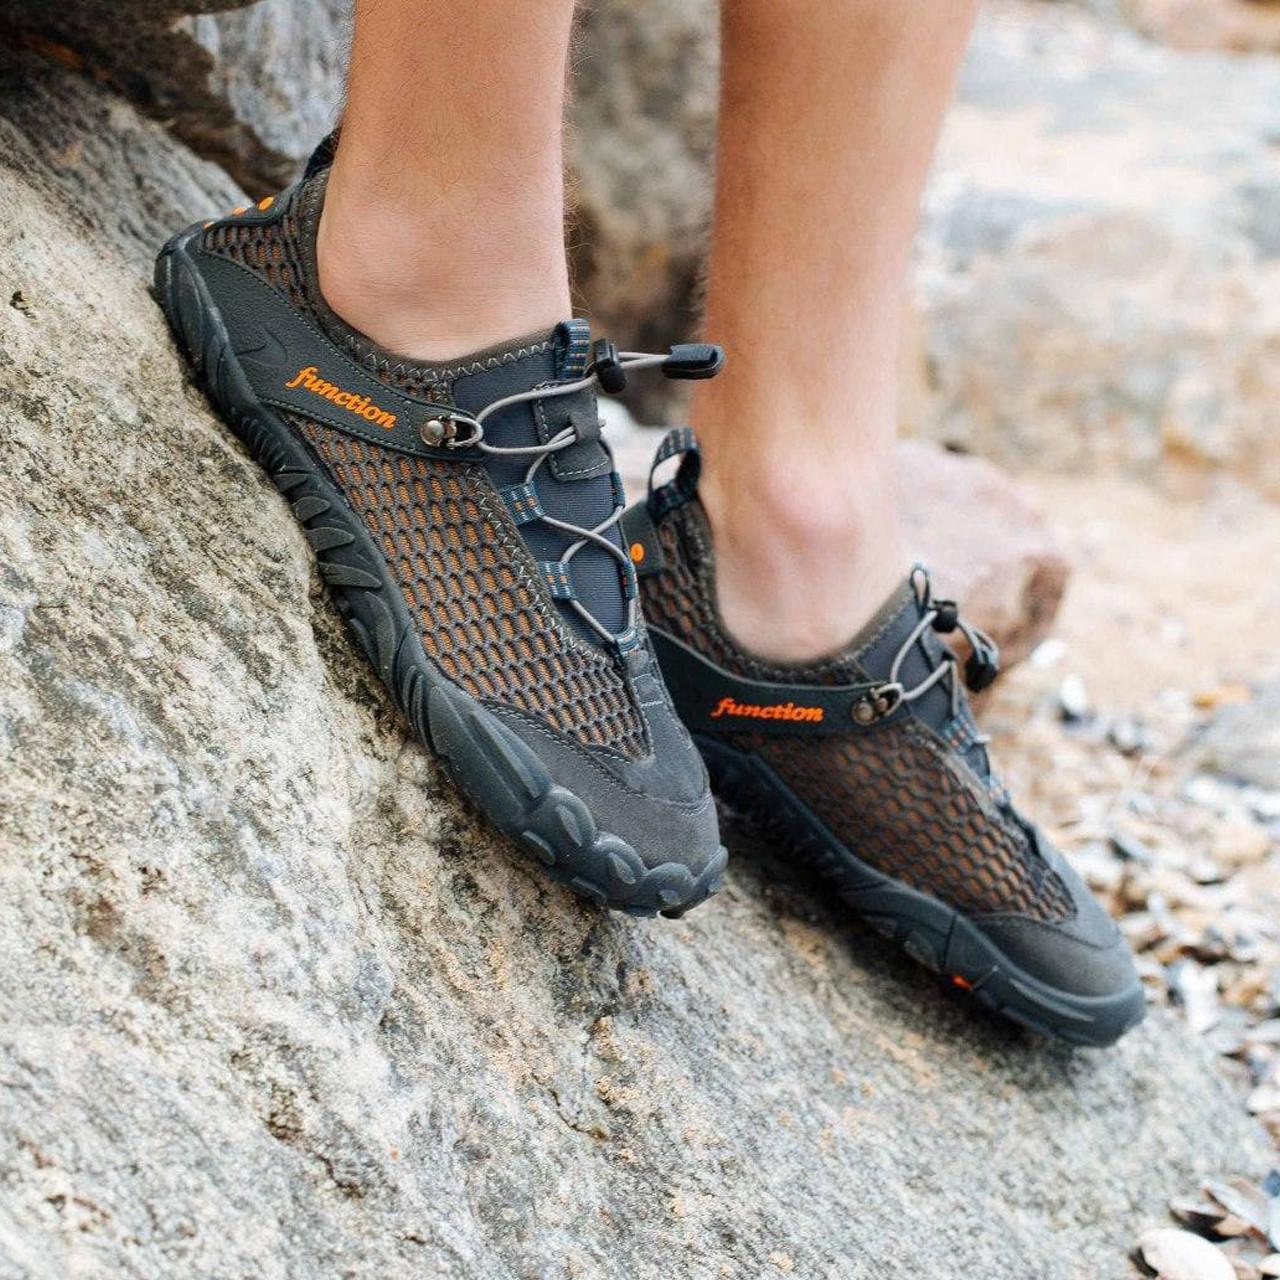 Сірі аквашузи чоловічі і жіночі коралкі акваобувь шльопанці для моря аква взуття сліпони мокасини на море пляж